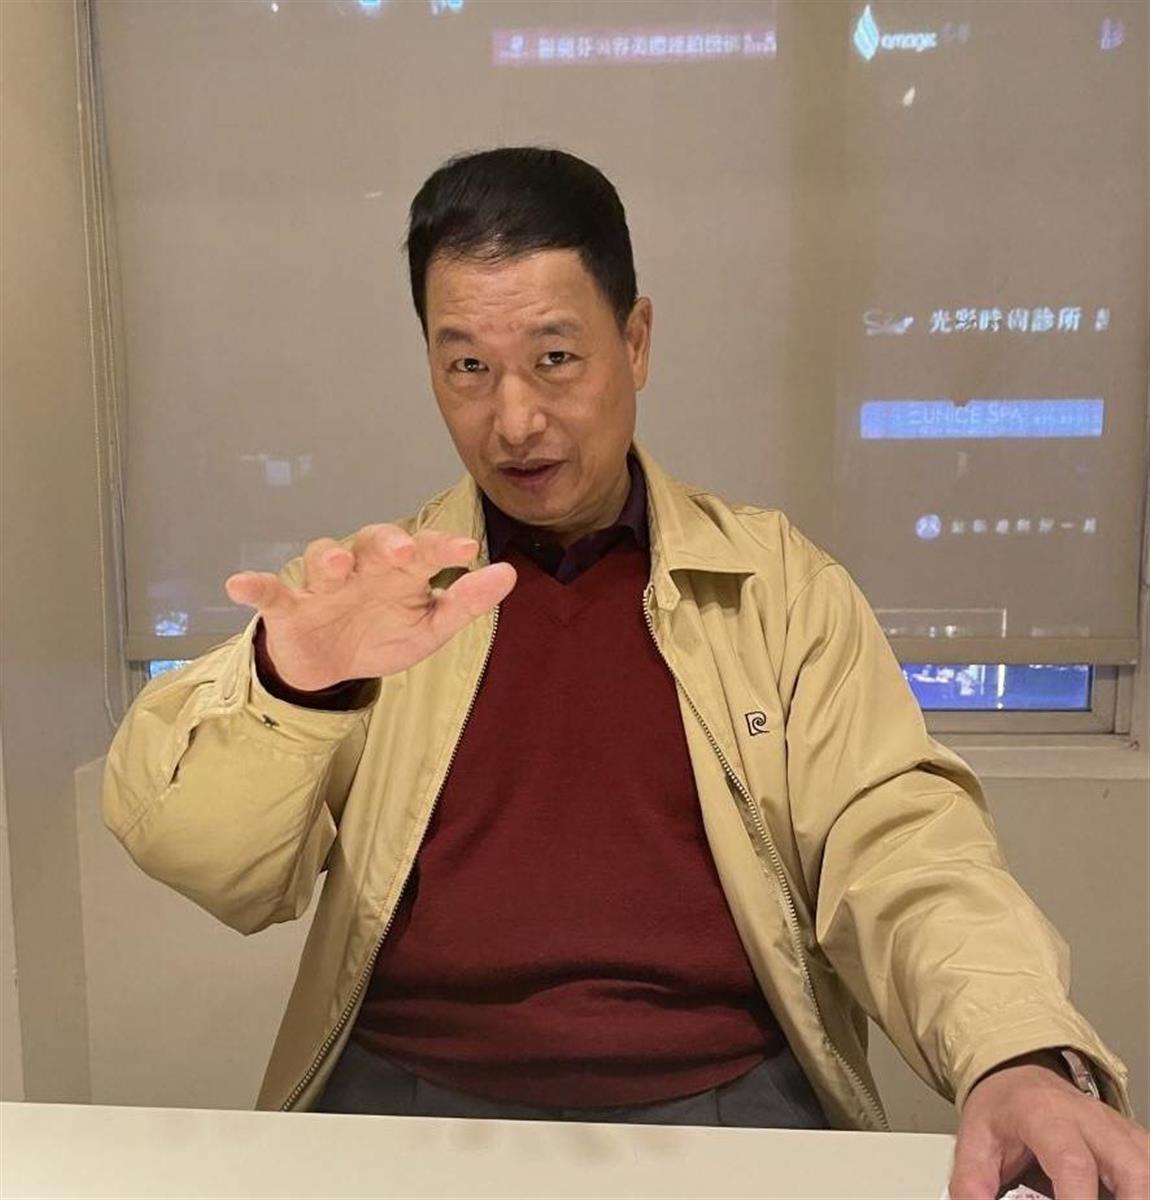 台北市内でインタビューに応じる張氏